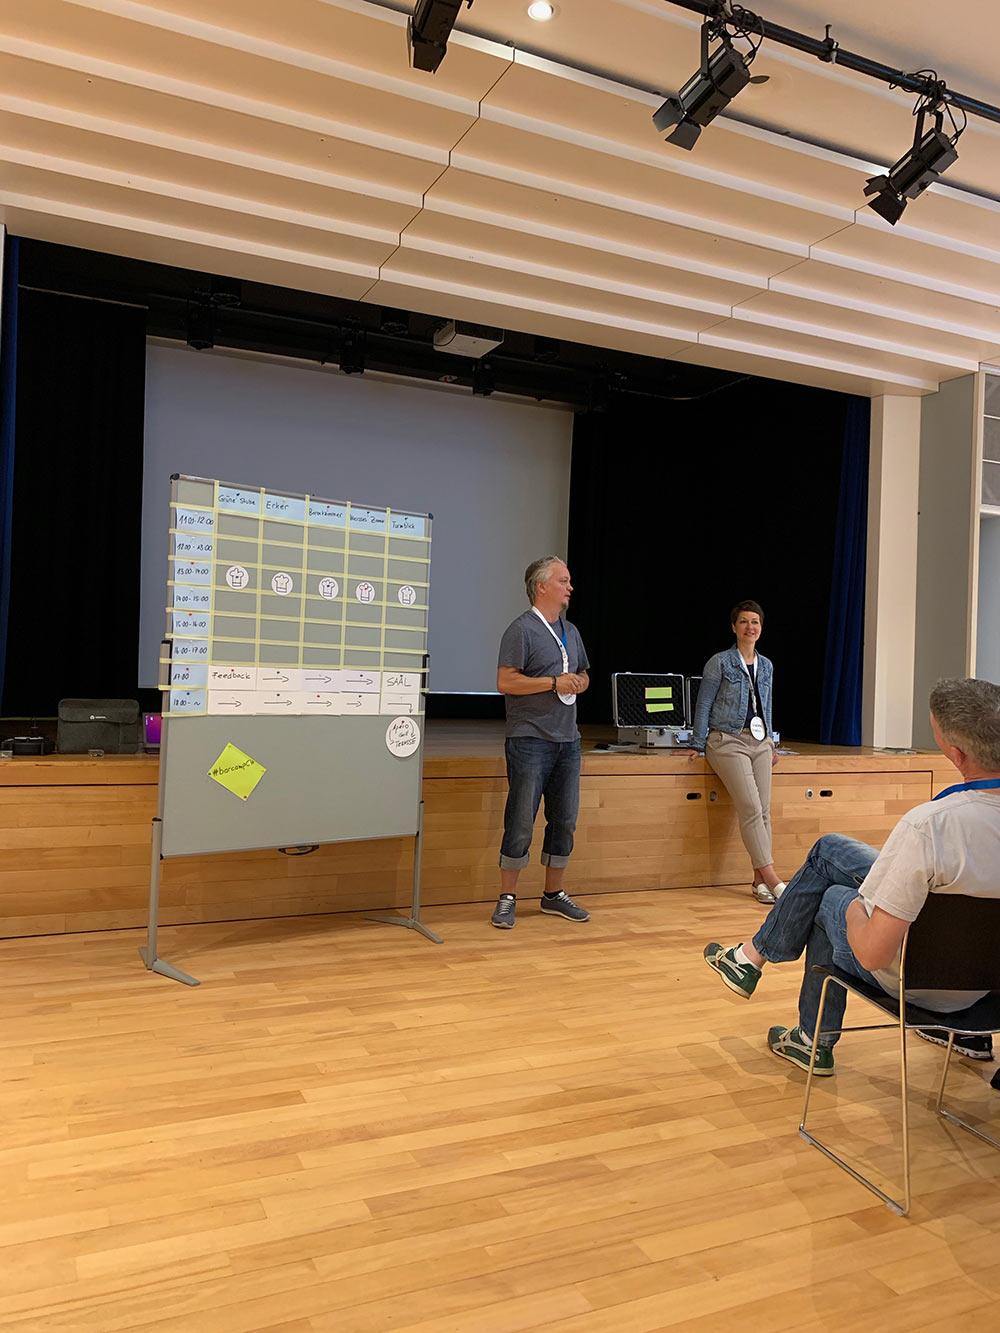 barcamp schweiz 06 - Barcamp Schweiz 2019 - mein Rückblick #barcampCH